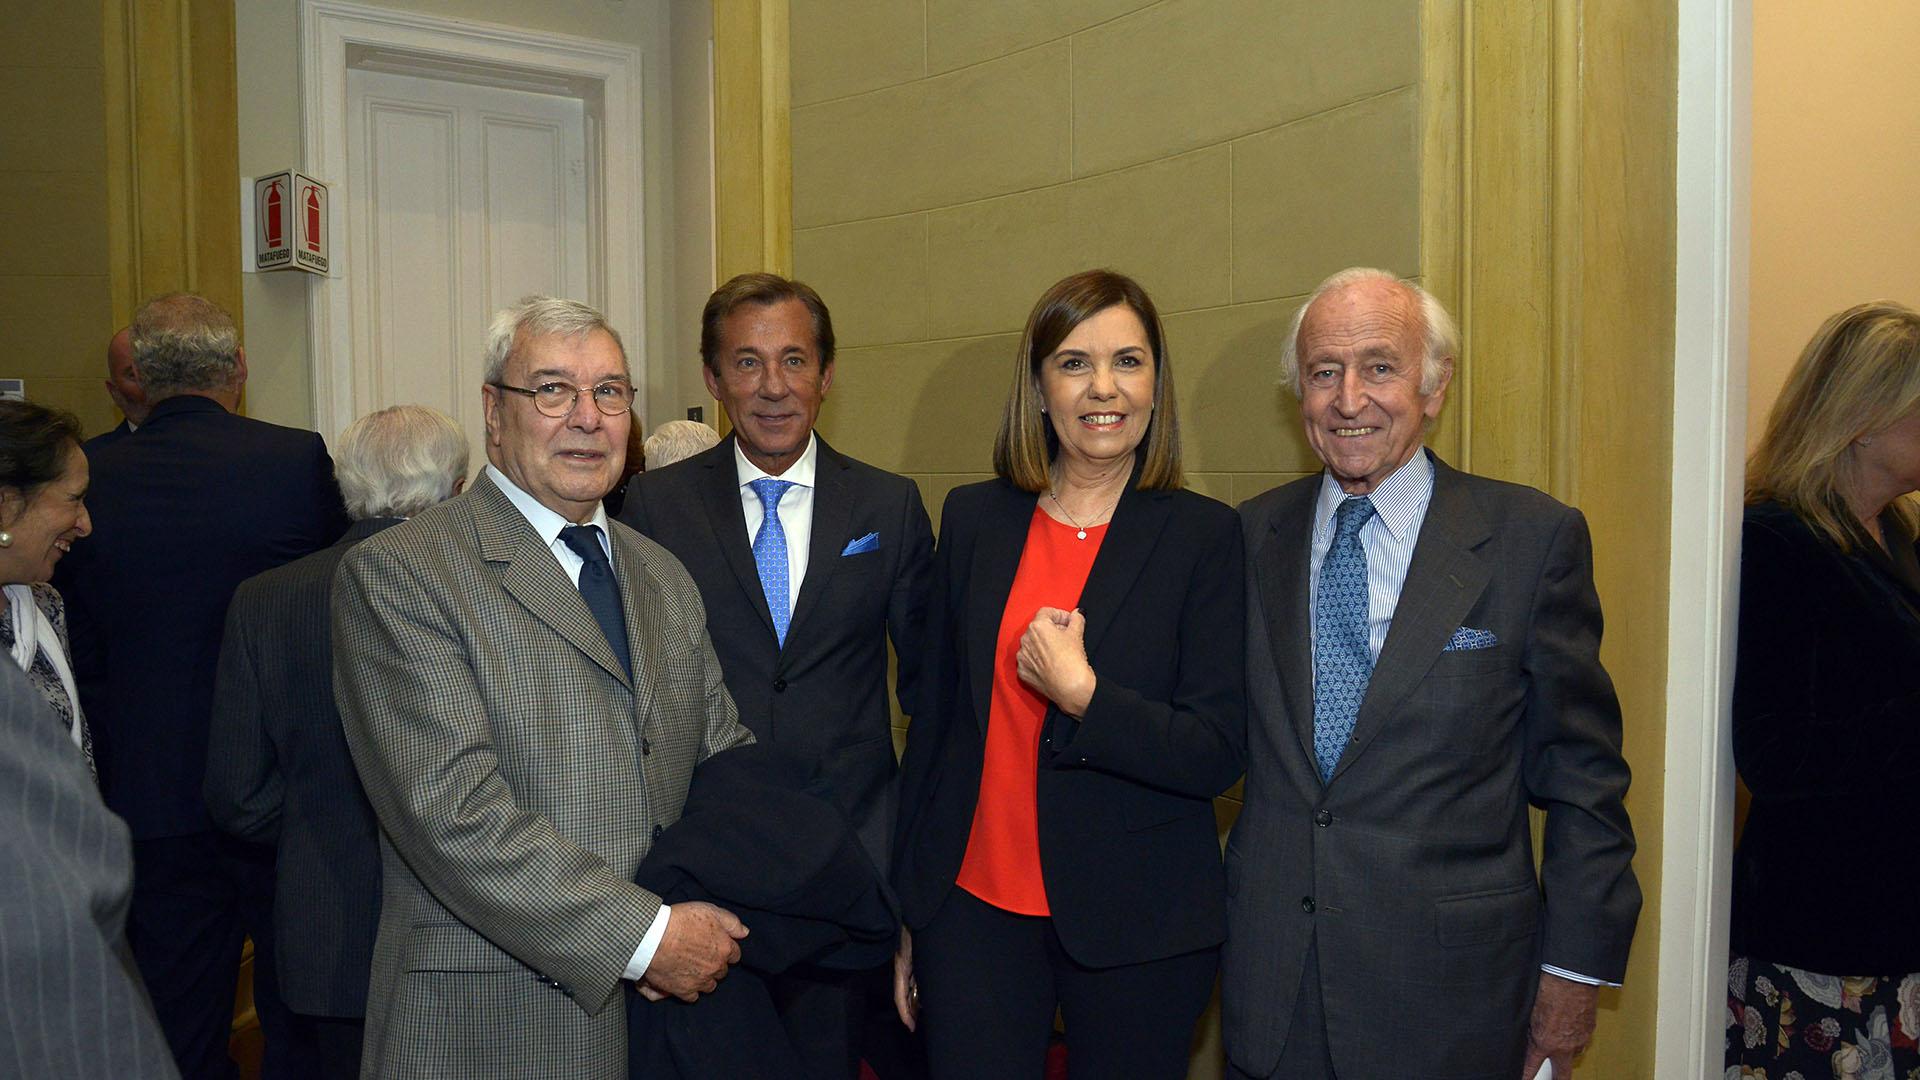 Juan Bautista Jofre, José María Kreckler, Liliana Parodi y Santiago Soldati